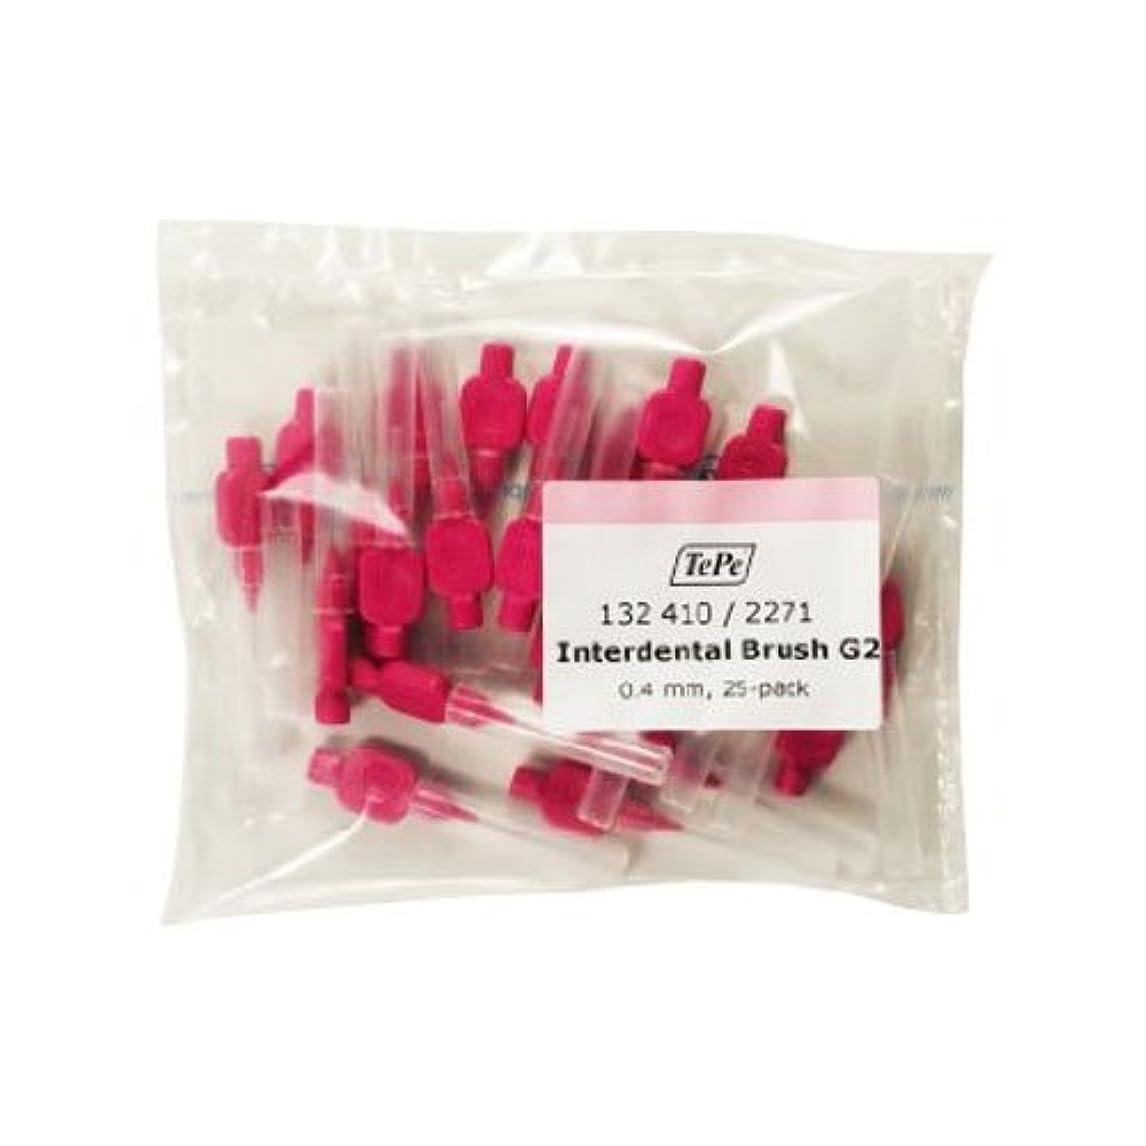 ヘビ知覚する製造業TePe 0.4 mm Size 0 Interdental G2 Brush - Pack of 25 by TePe